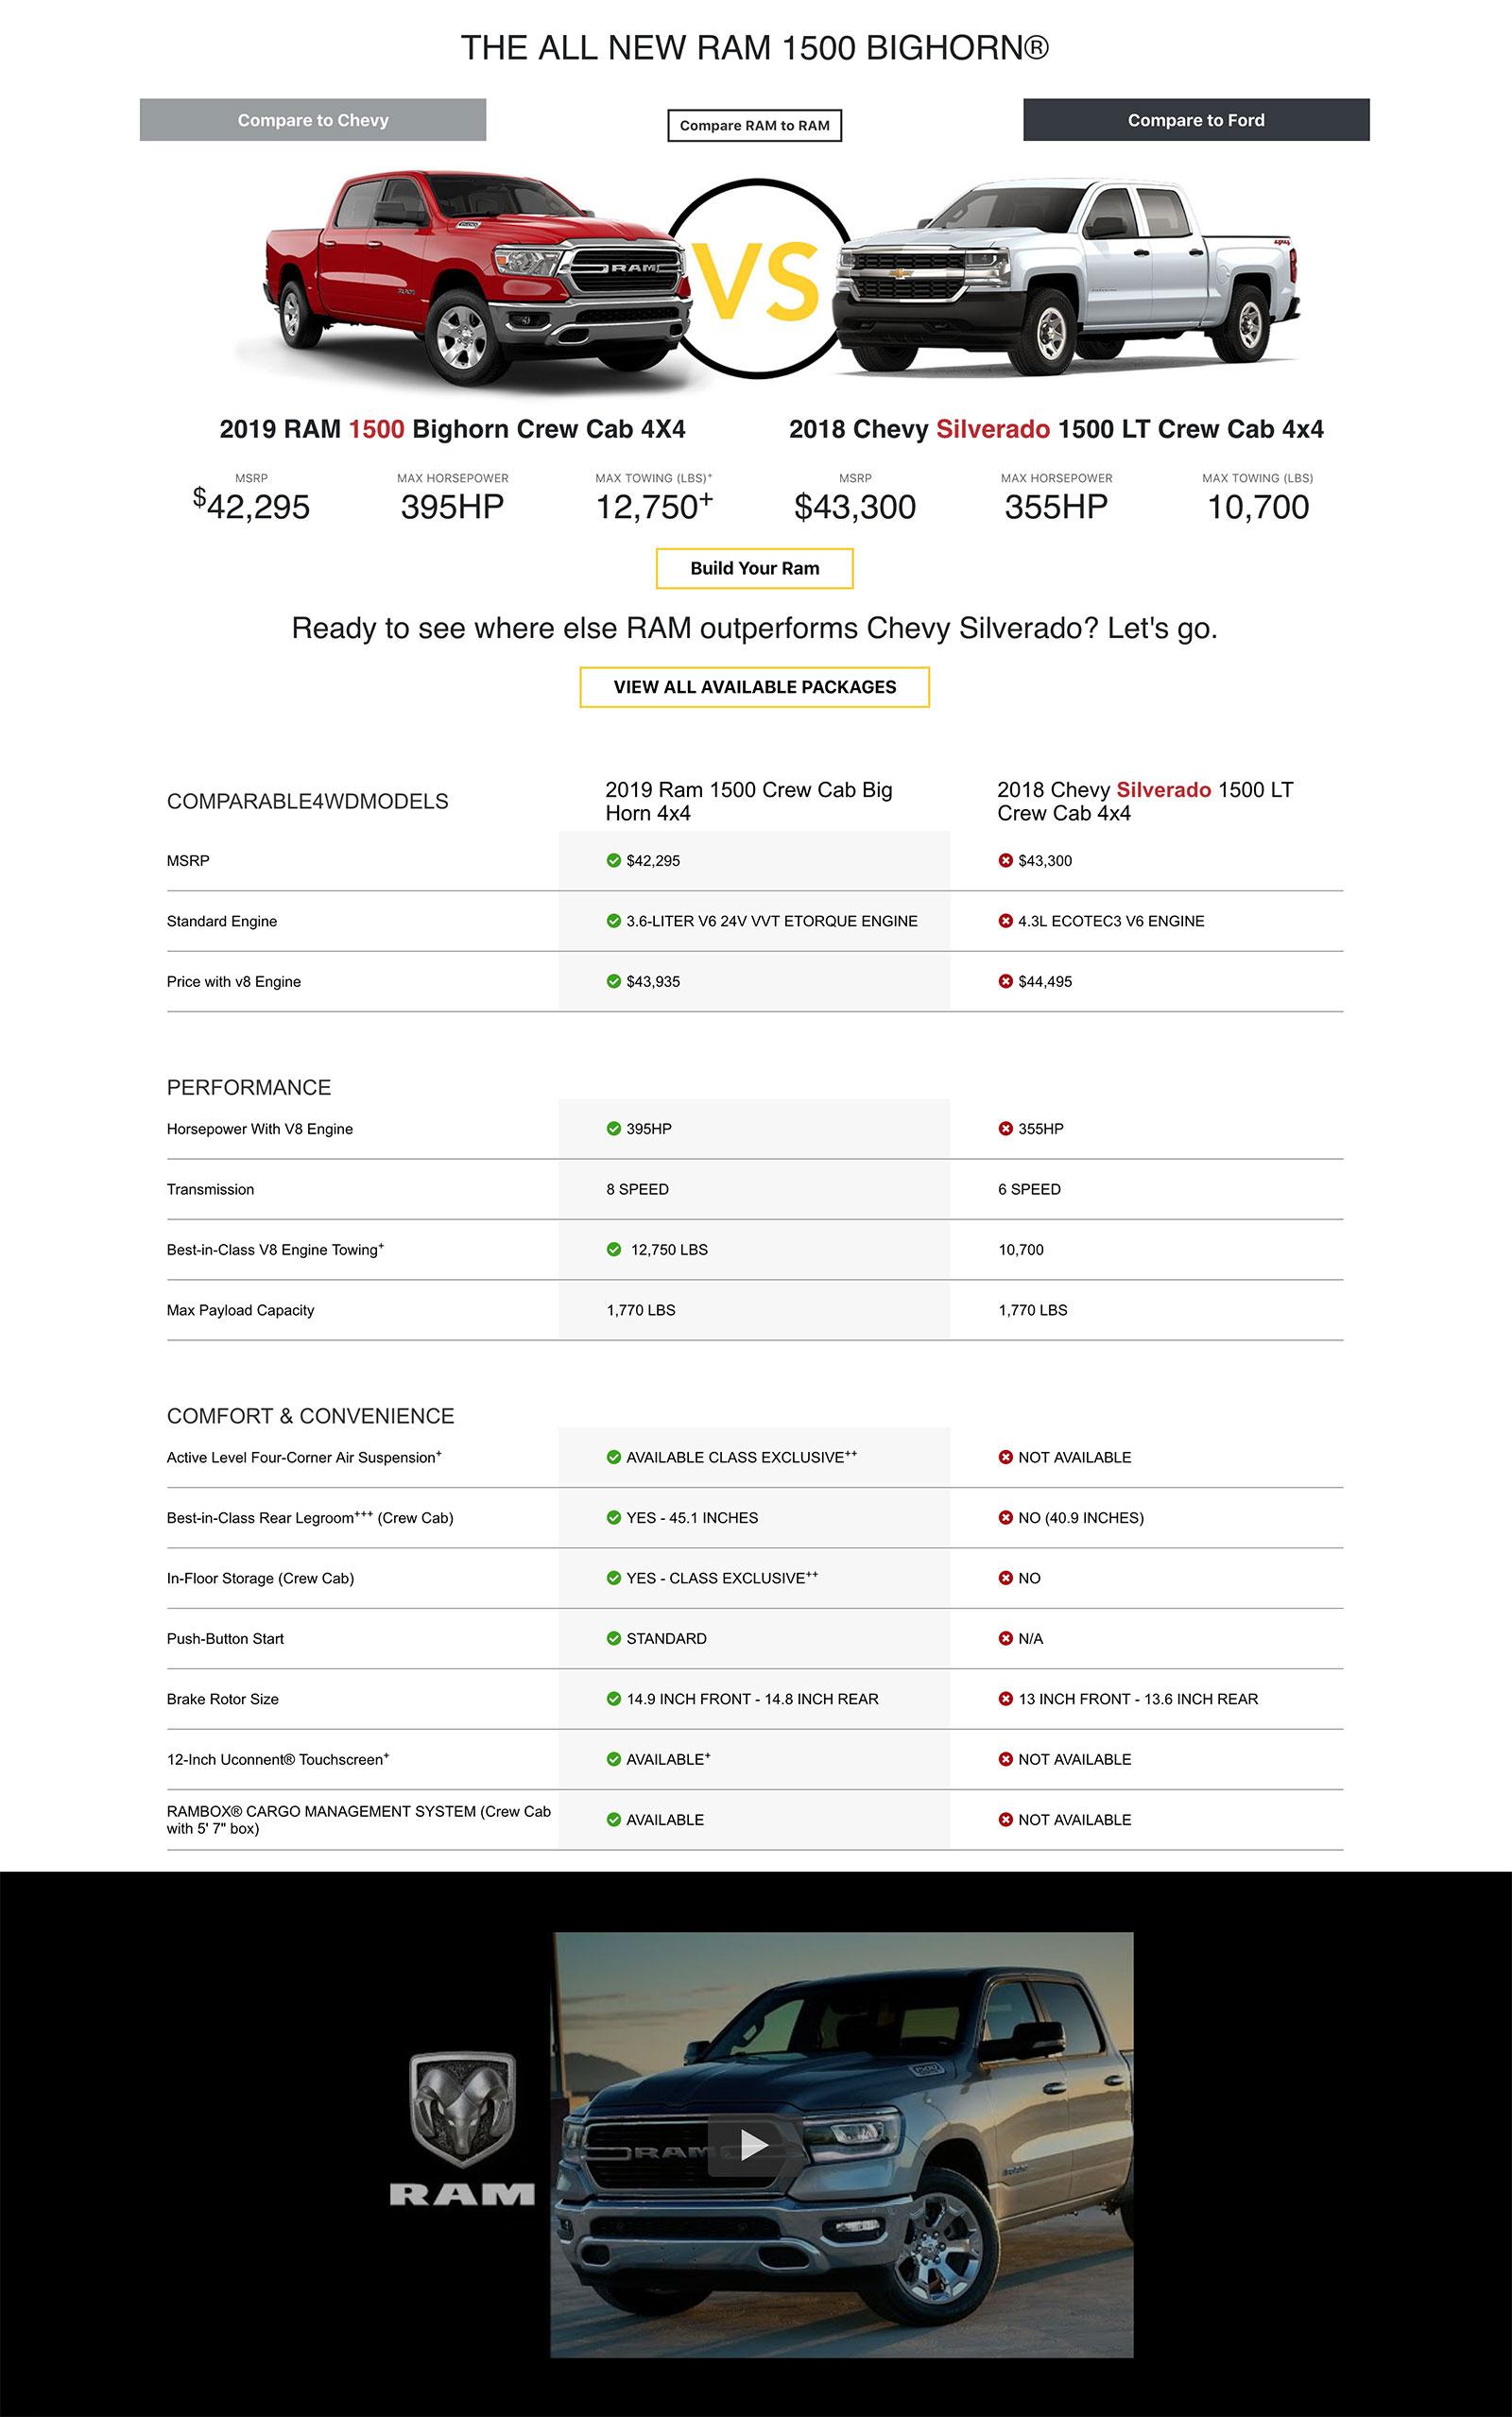 Ram 1500 Comparison Page